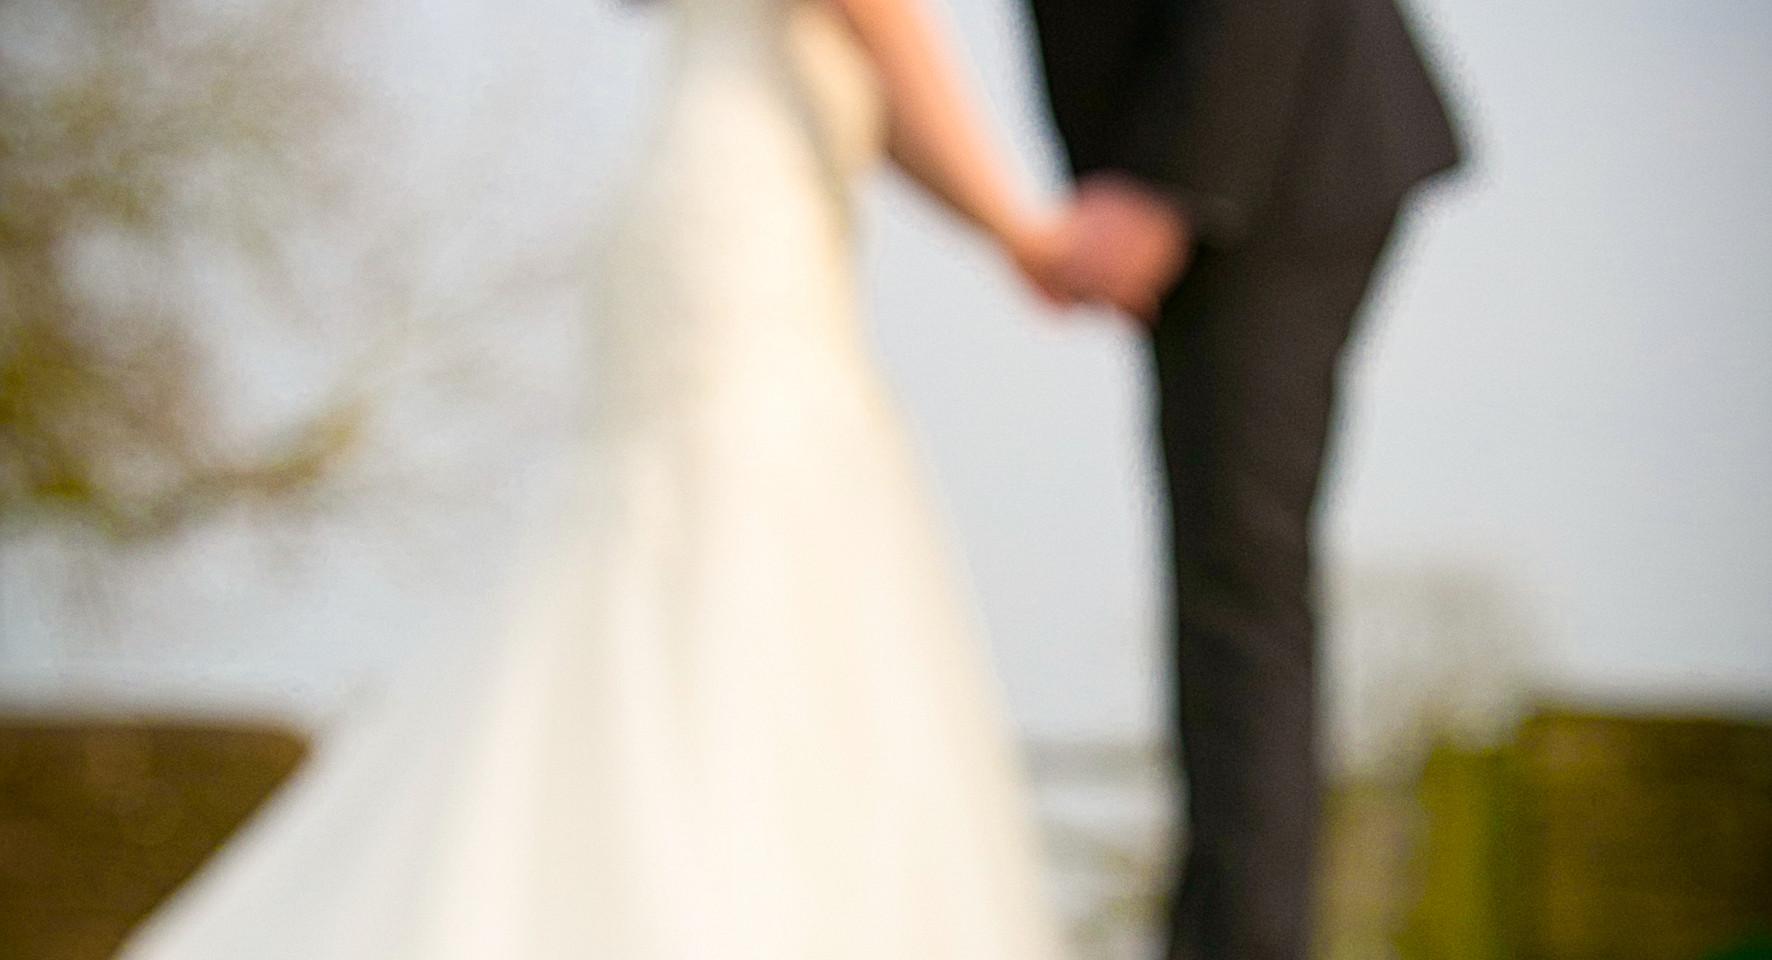 bride and groom flowers floor blur